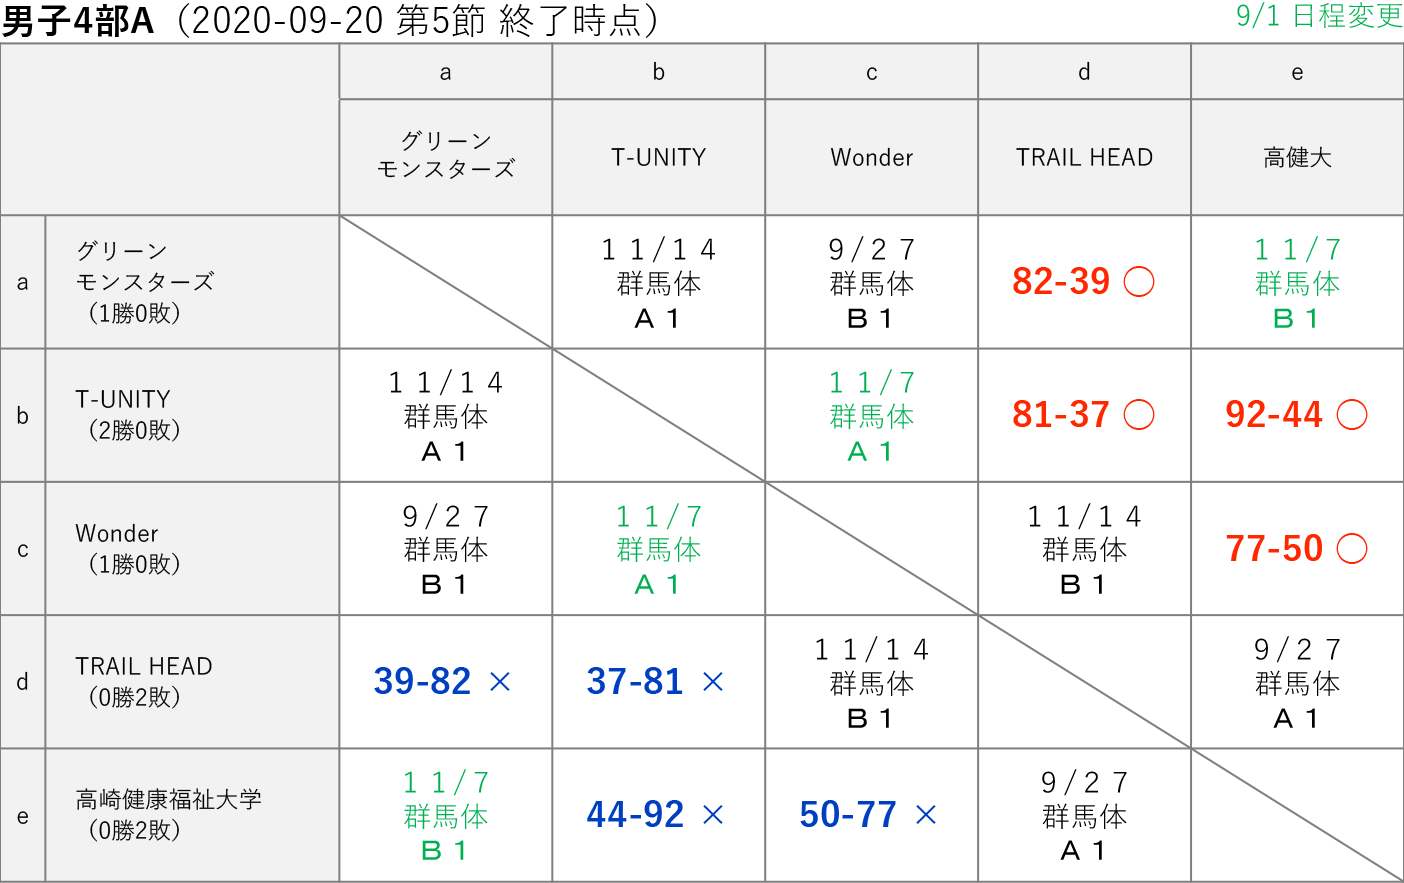 2020社会人リーグ 男子4部A 星取り表 2020-09-20(第5節終了時)